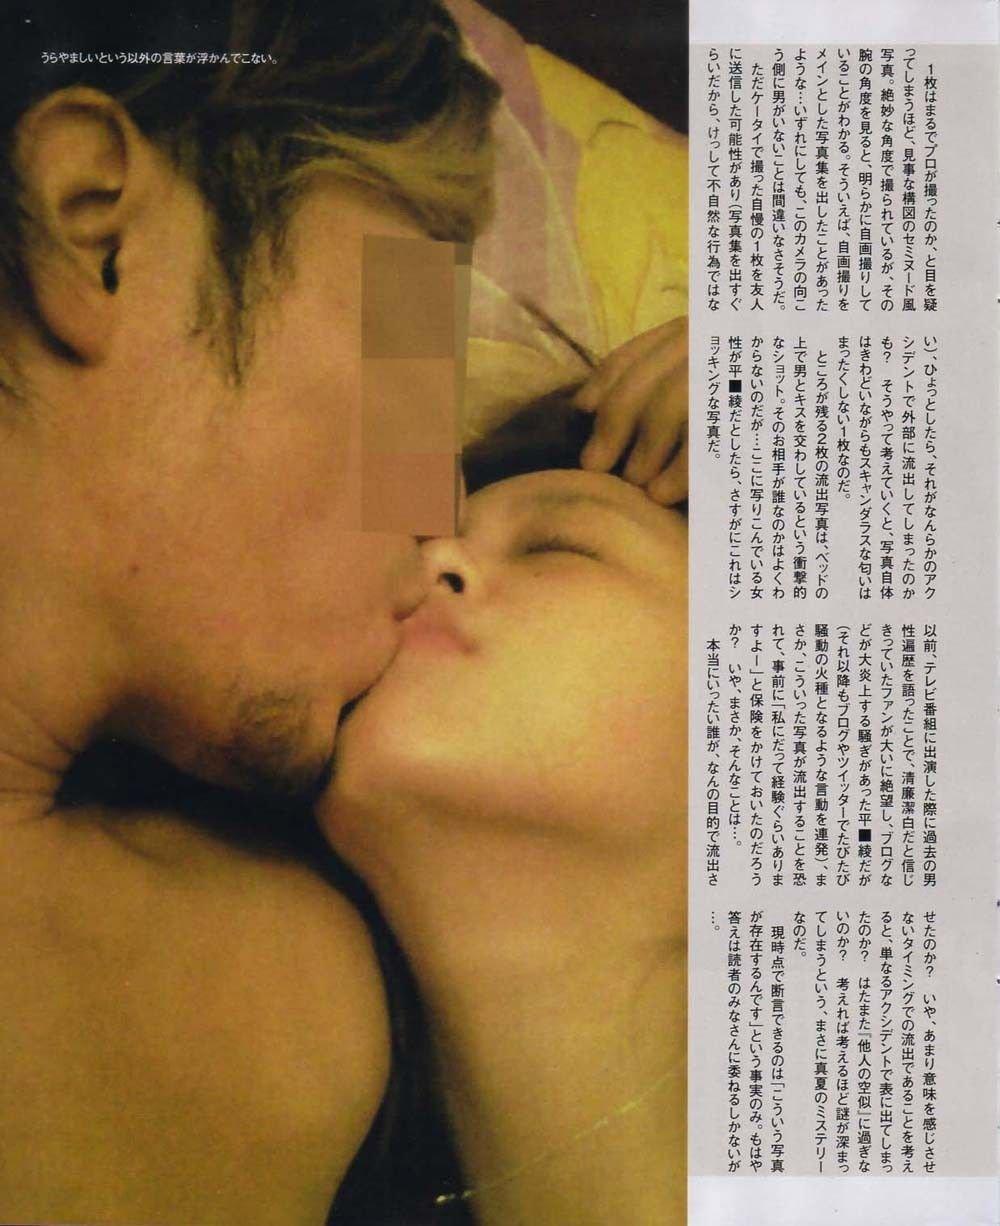 平野綾에 대한 이미지 검색결과